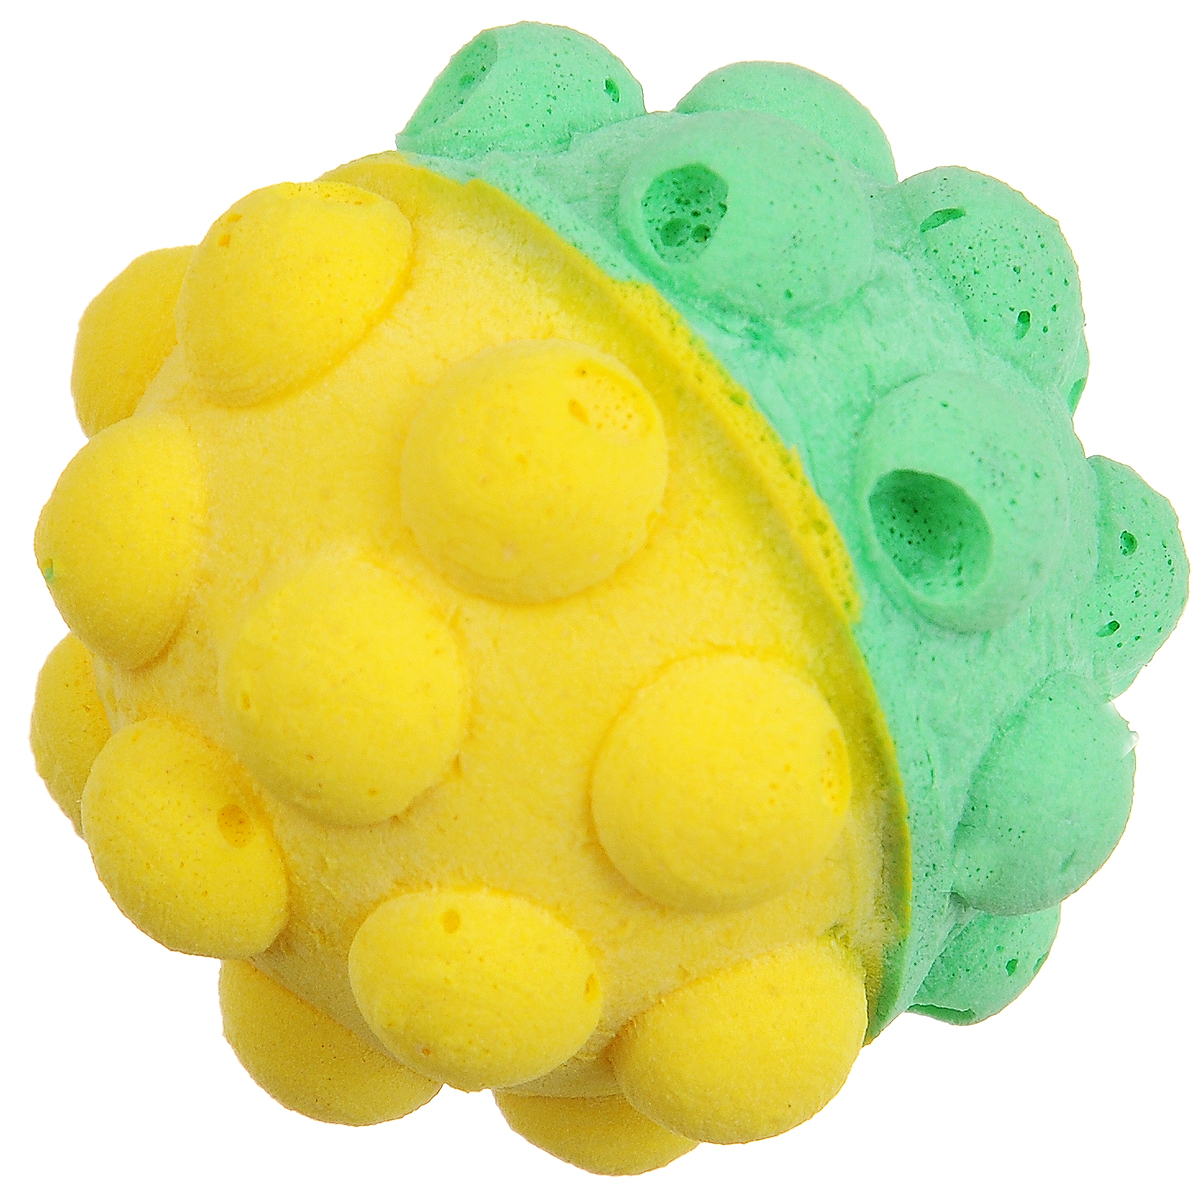 Игрушка для животных Каскад Мячик зефирный. Мина, цвет: зеленый, желтый, диаметр 4,5 см75012Мягкая игрушка для животных Каскад Мячик зефирный. Мина изготовлена из вспененного полимера.Такая игрушка порадует вашего любимца, а вам доставит массу приятных эмоций, ведь наблюдать за игрой всегда интересно и приятно.Диаметр игрушки: 4,5 см.